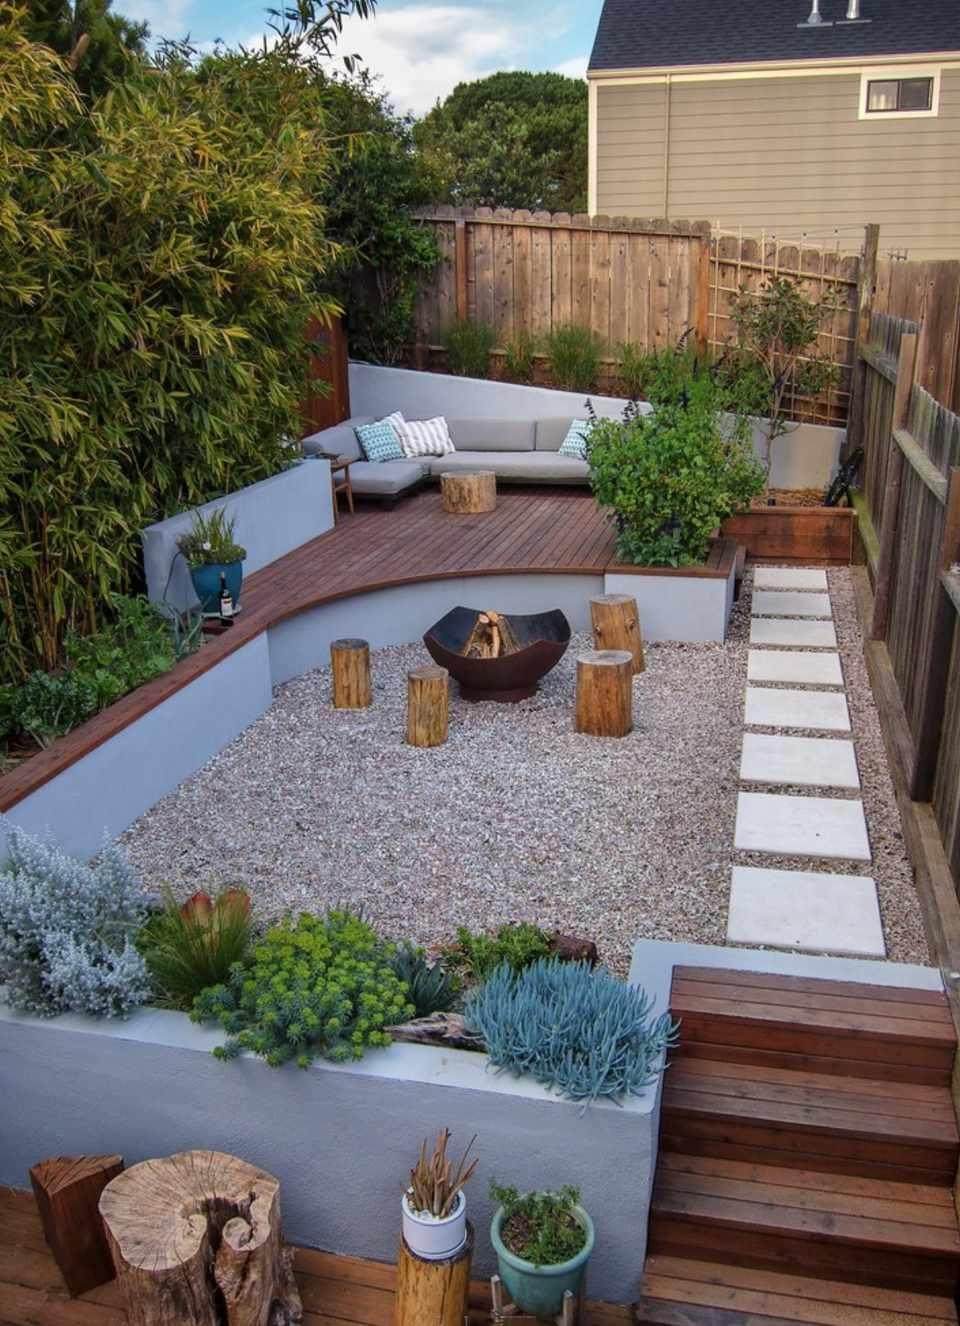 49 Great Backyard Landscaping Ideas Backyard Remodel